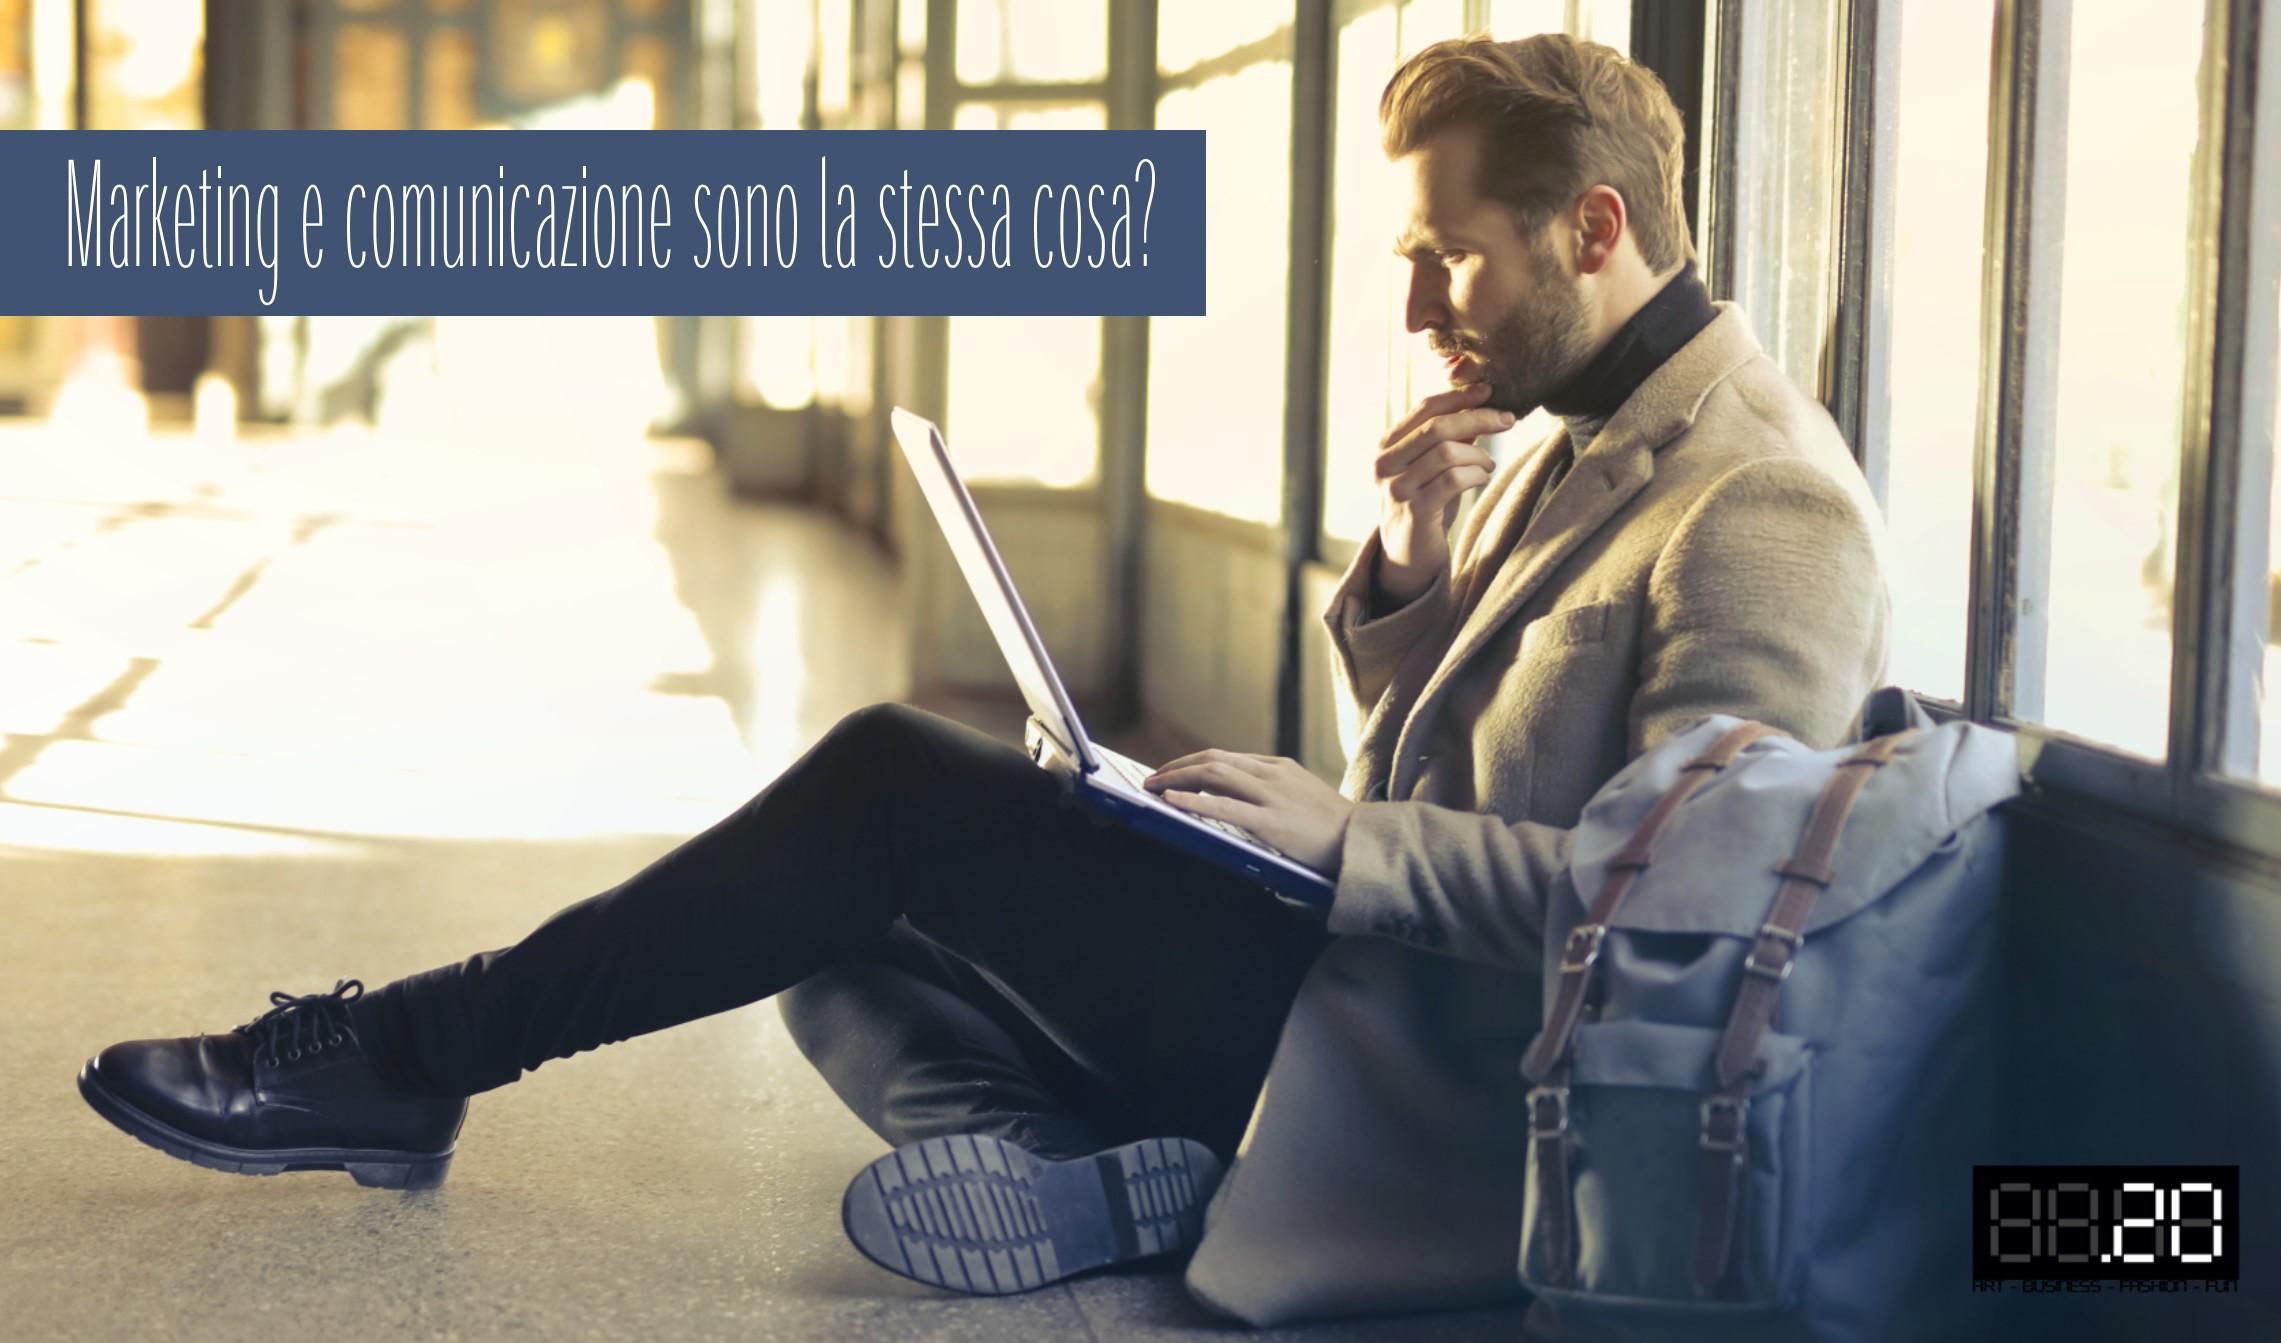 Marketing e comunicazione sono la stessa cosa?